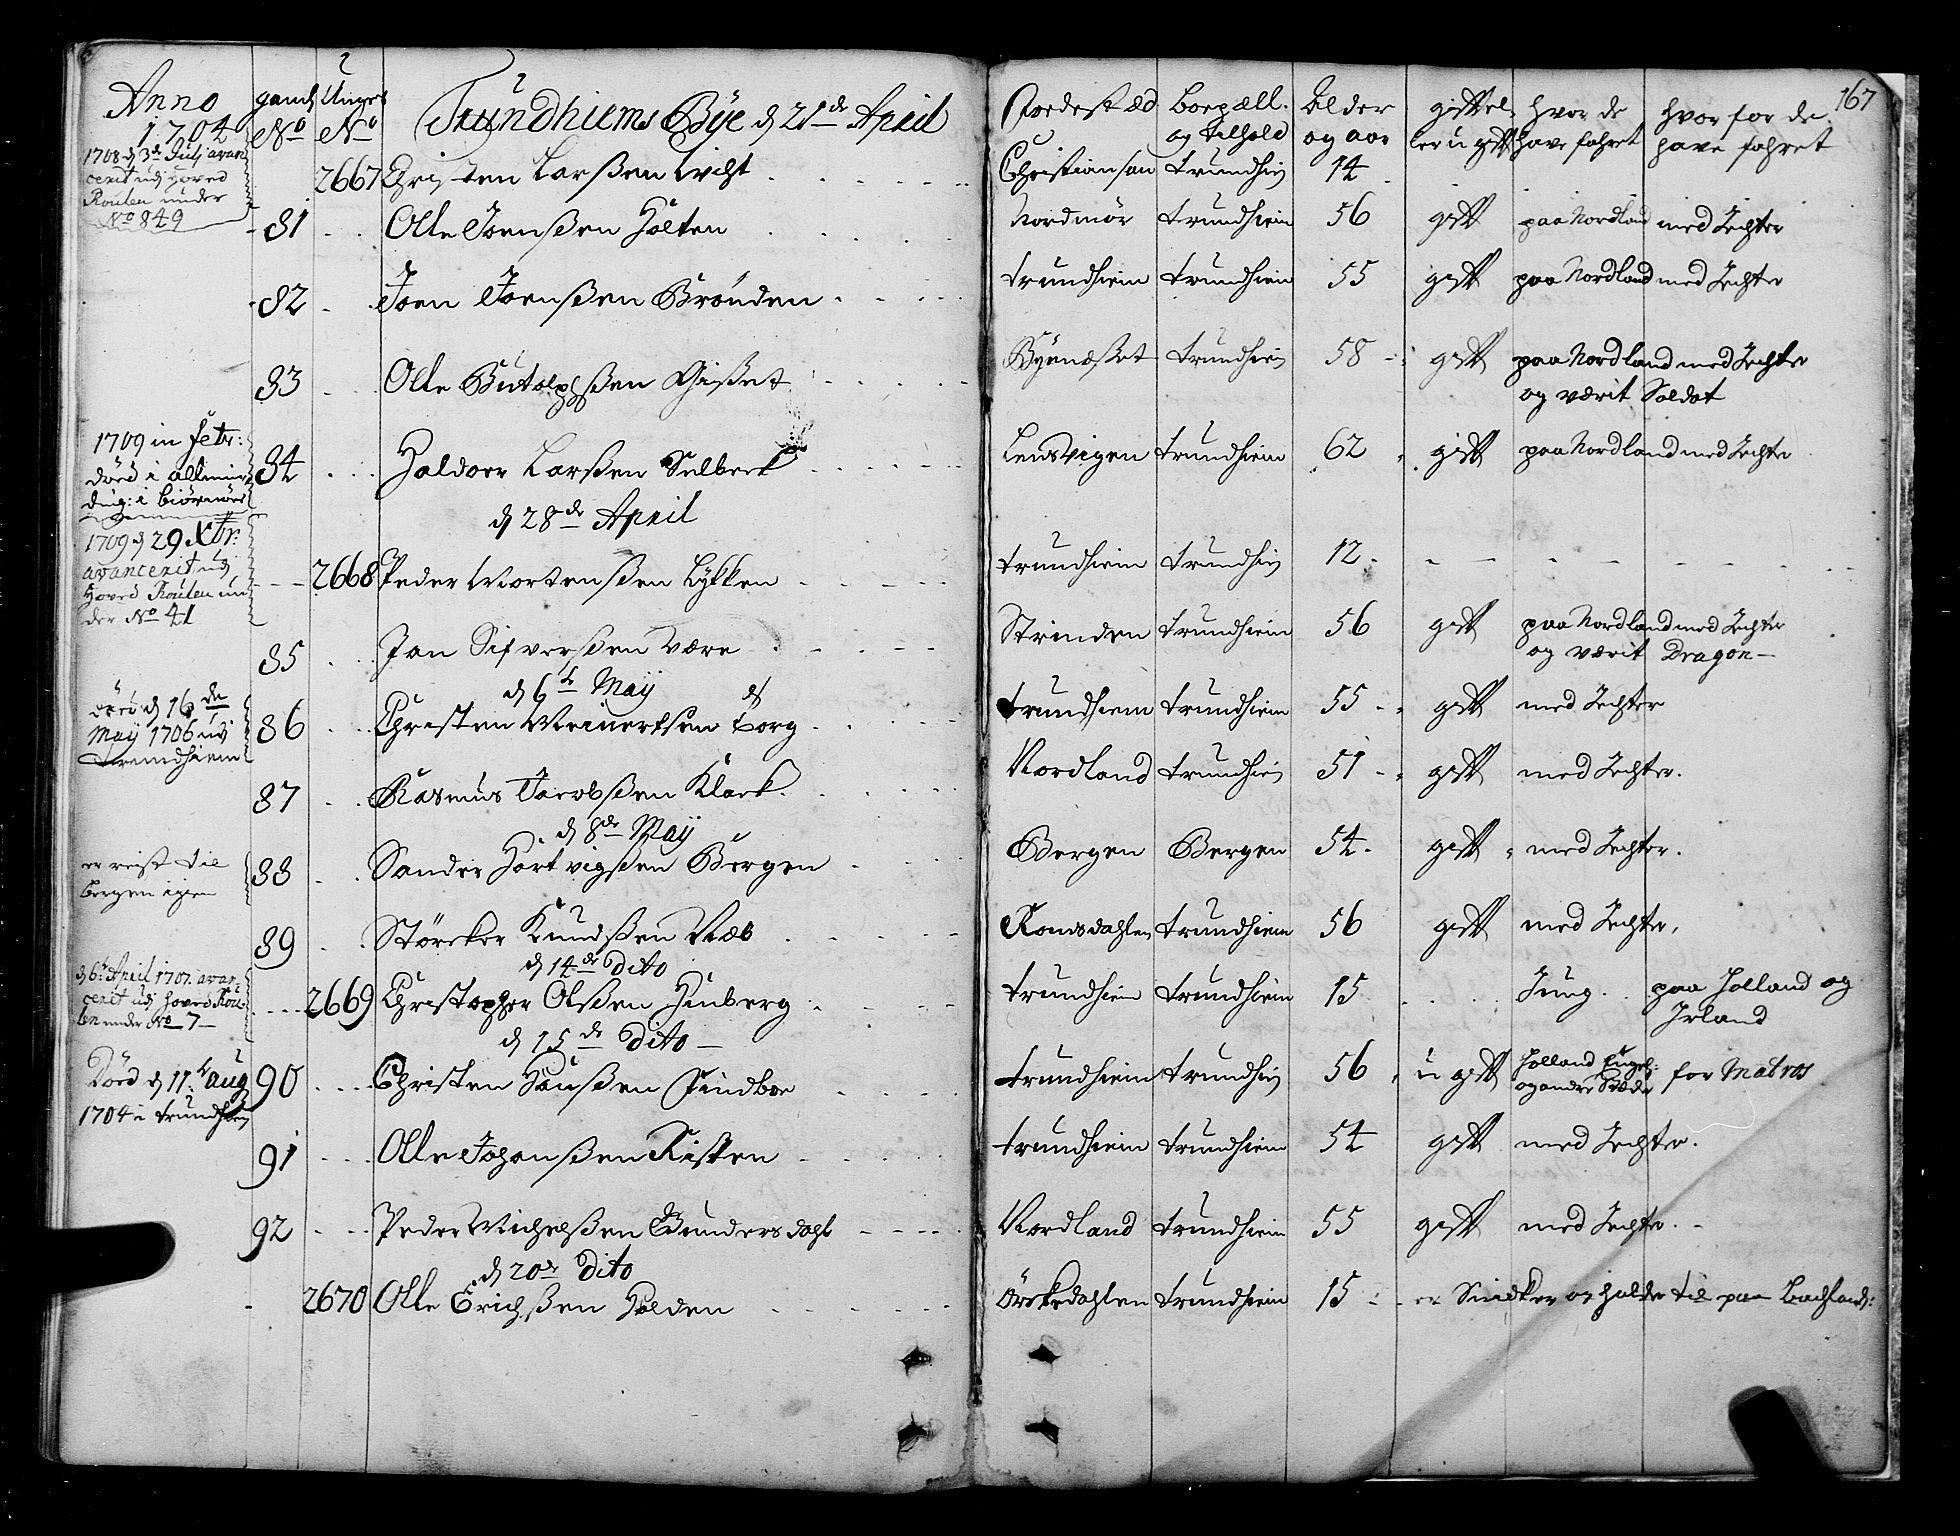 SAT, Sjøinnrulleringen - Trondhjemske distrikt, 01/L0004: Ruller over sjøfolk i Trondhjem by, 1704-1710, s. 167